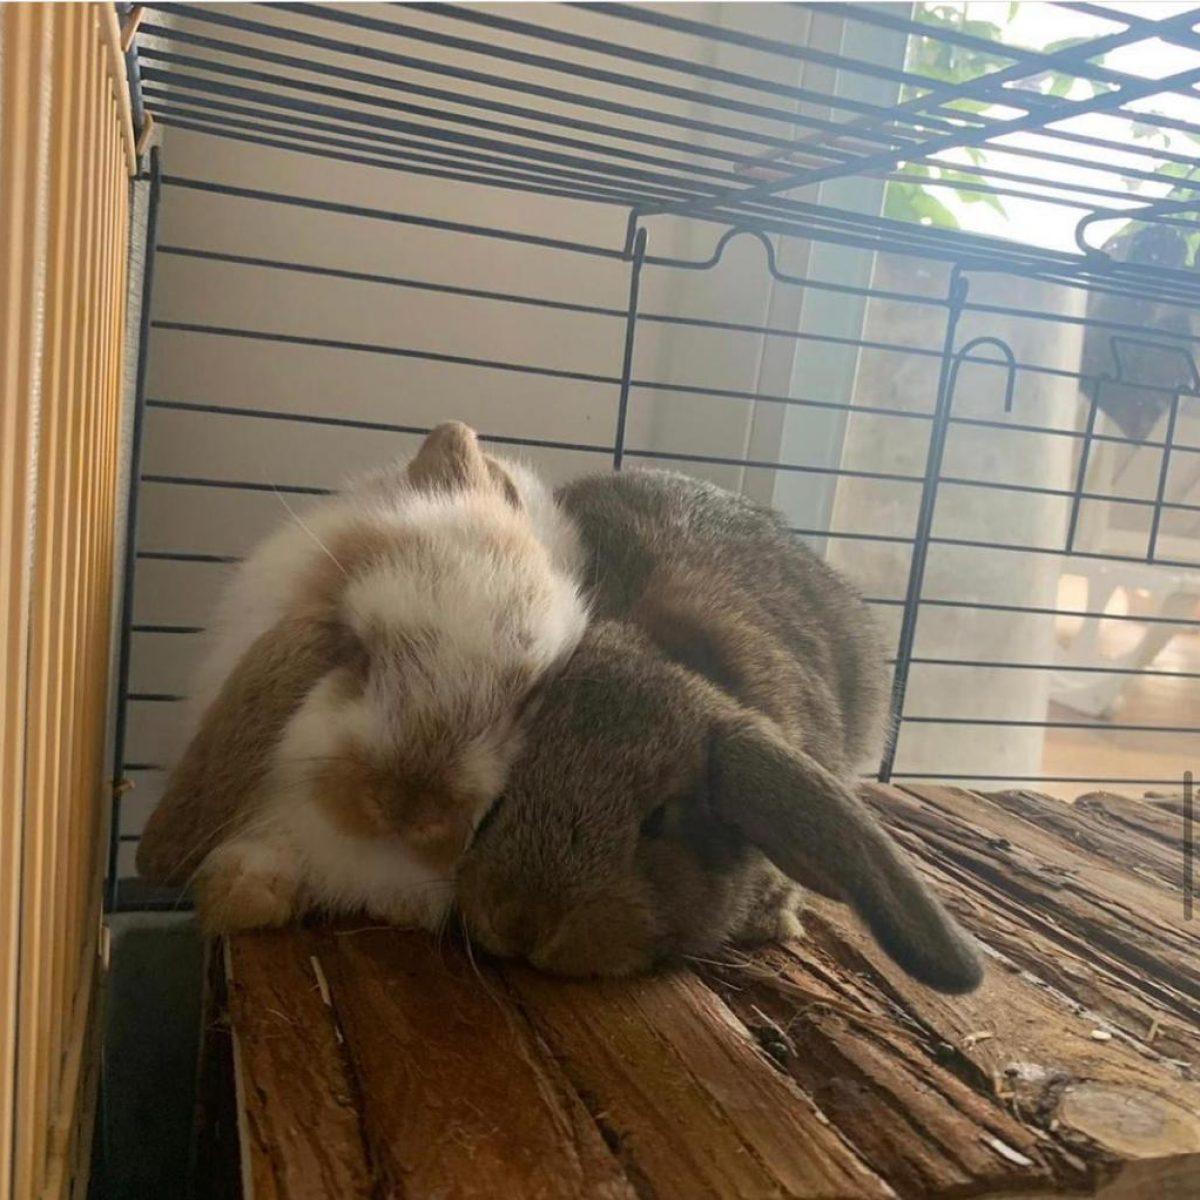 ארנבונים שמוטי אוזניים למכירה